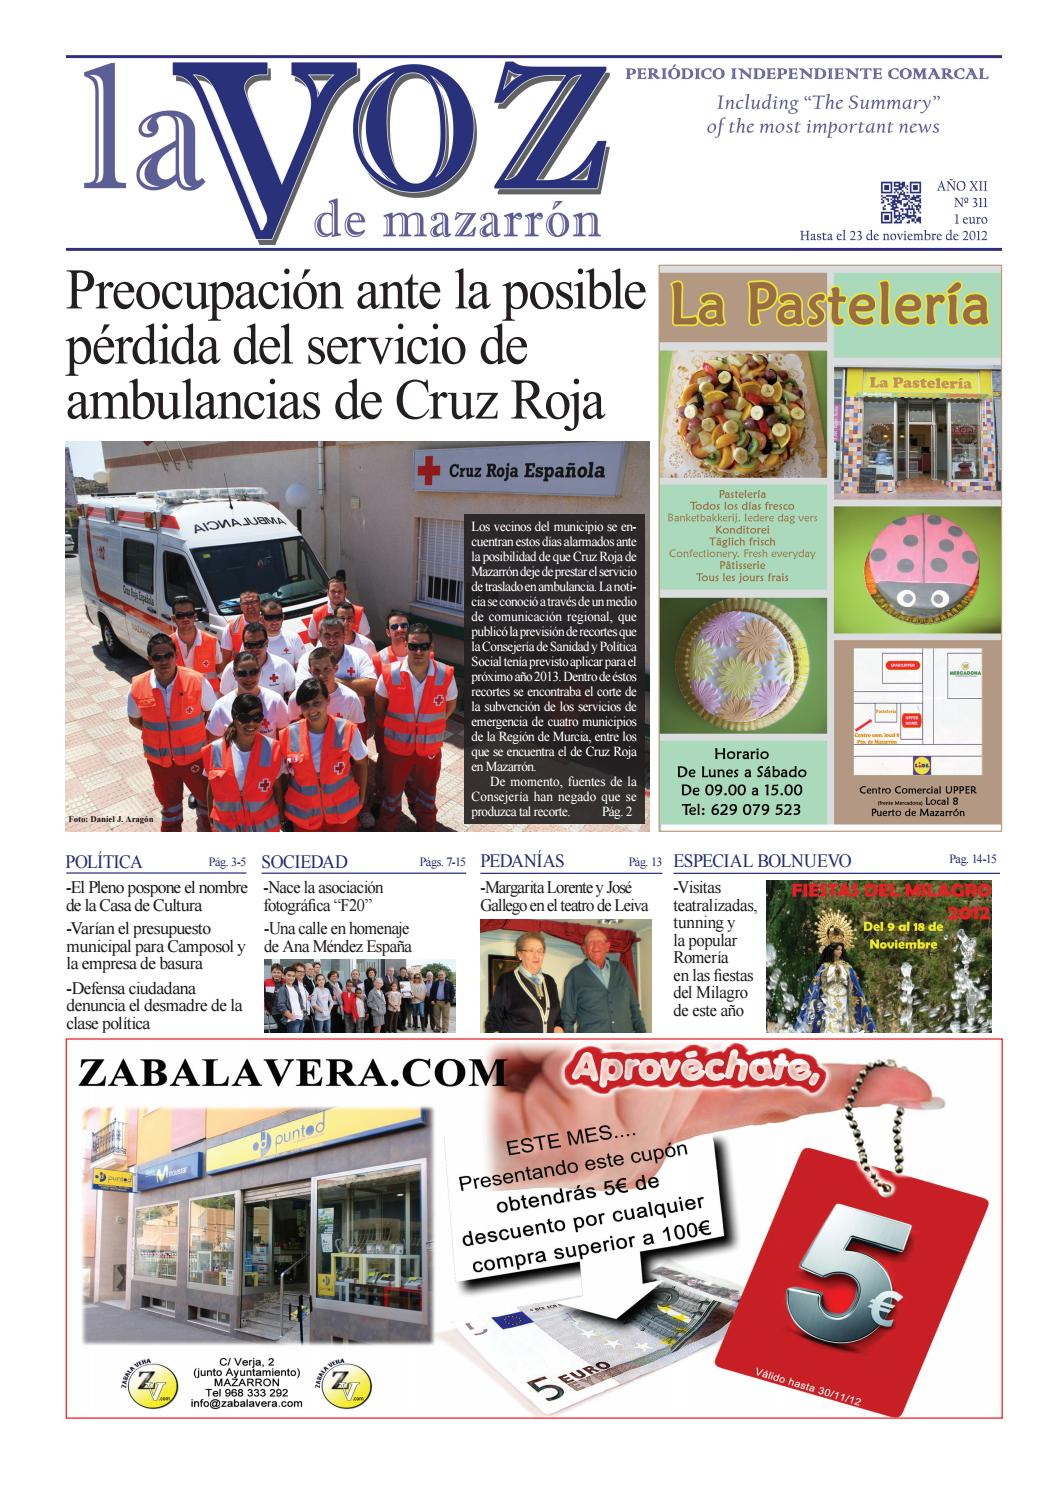 cc4482ee1f2 Voz311 by La Voz de Mazarrón (Periódico) - issuu